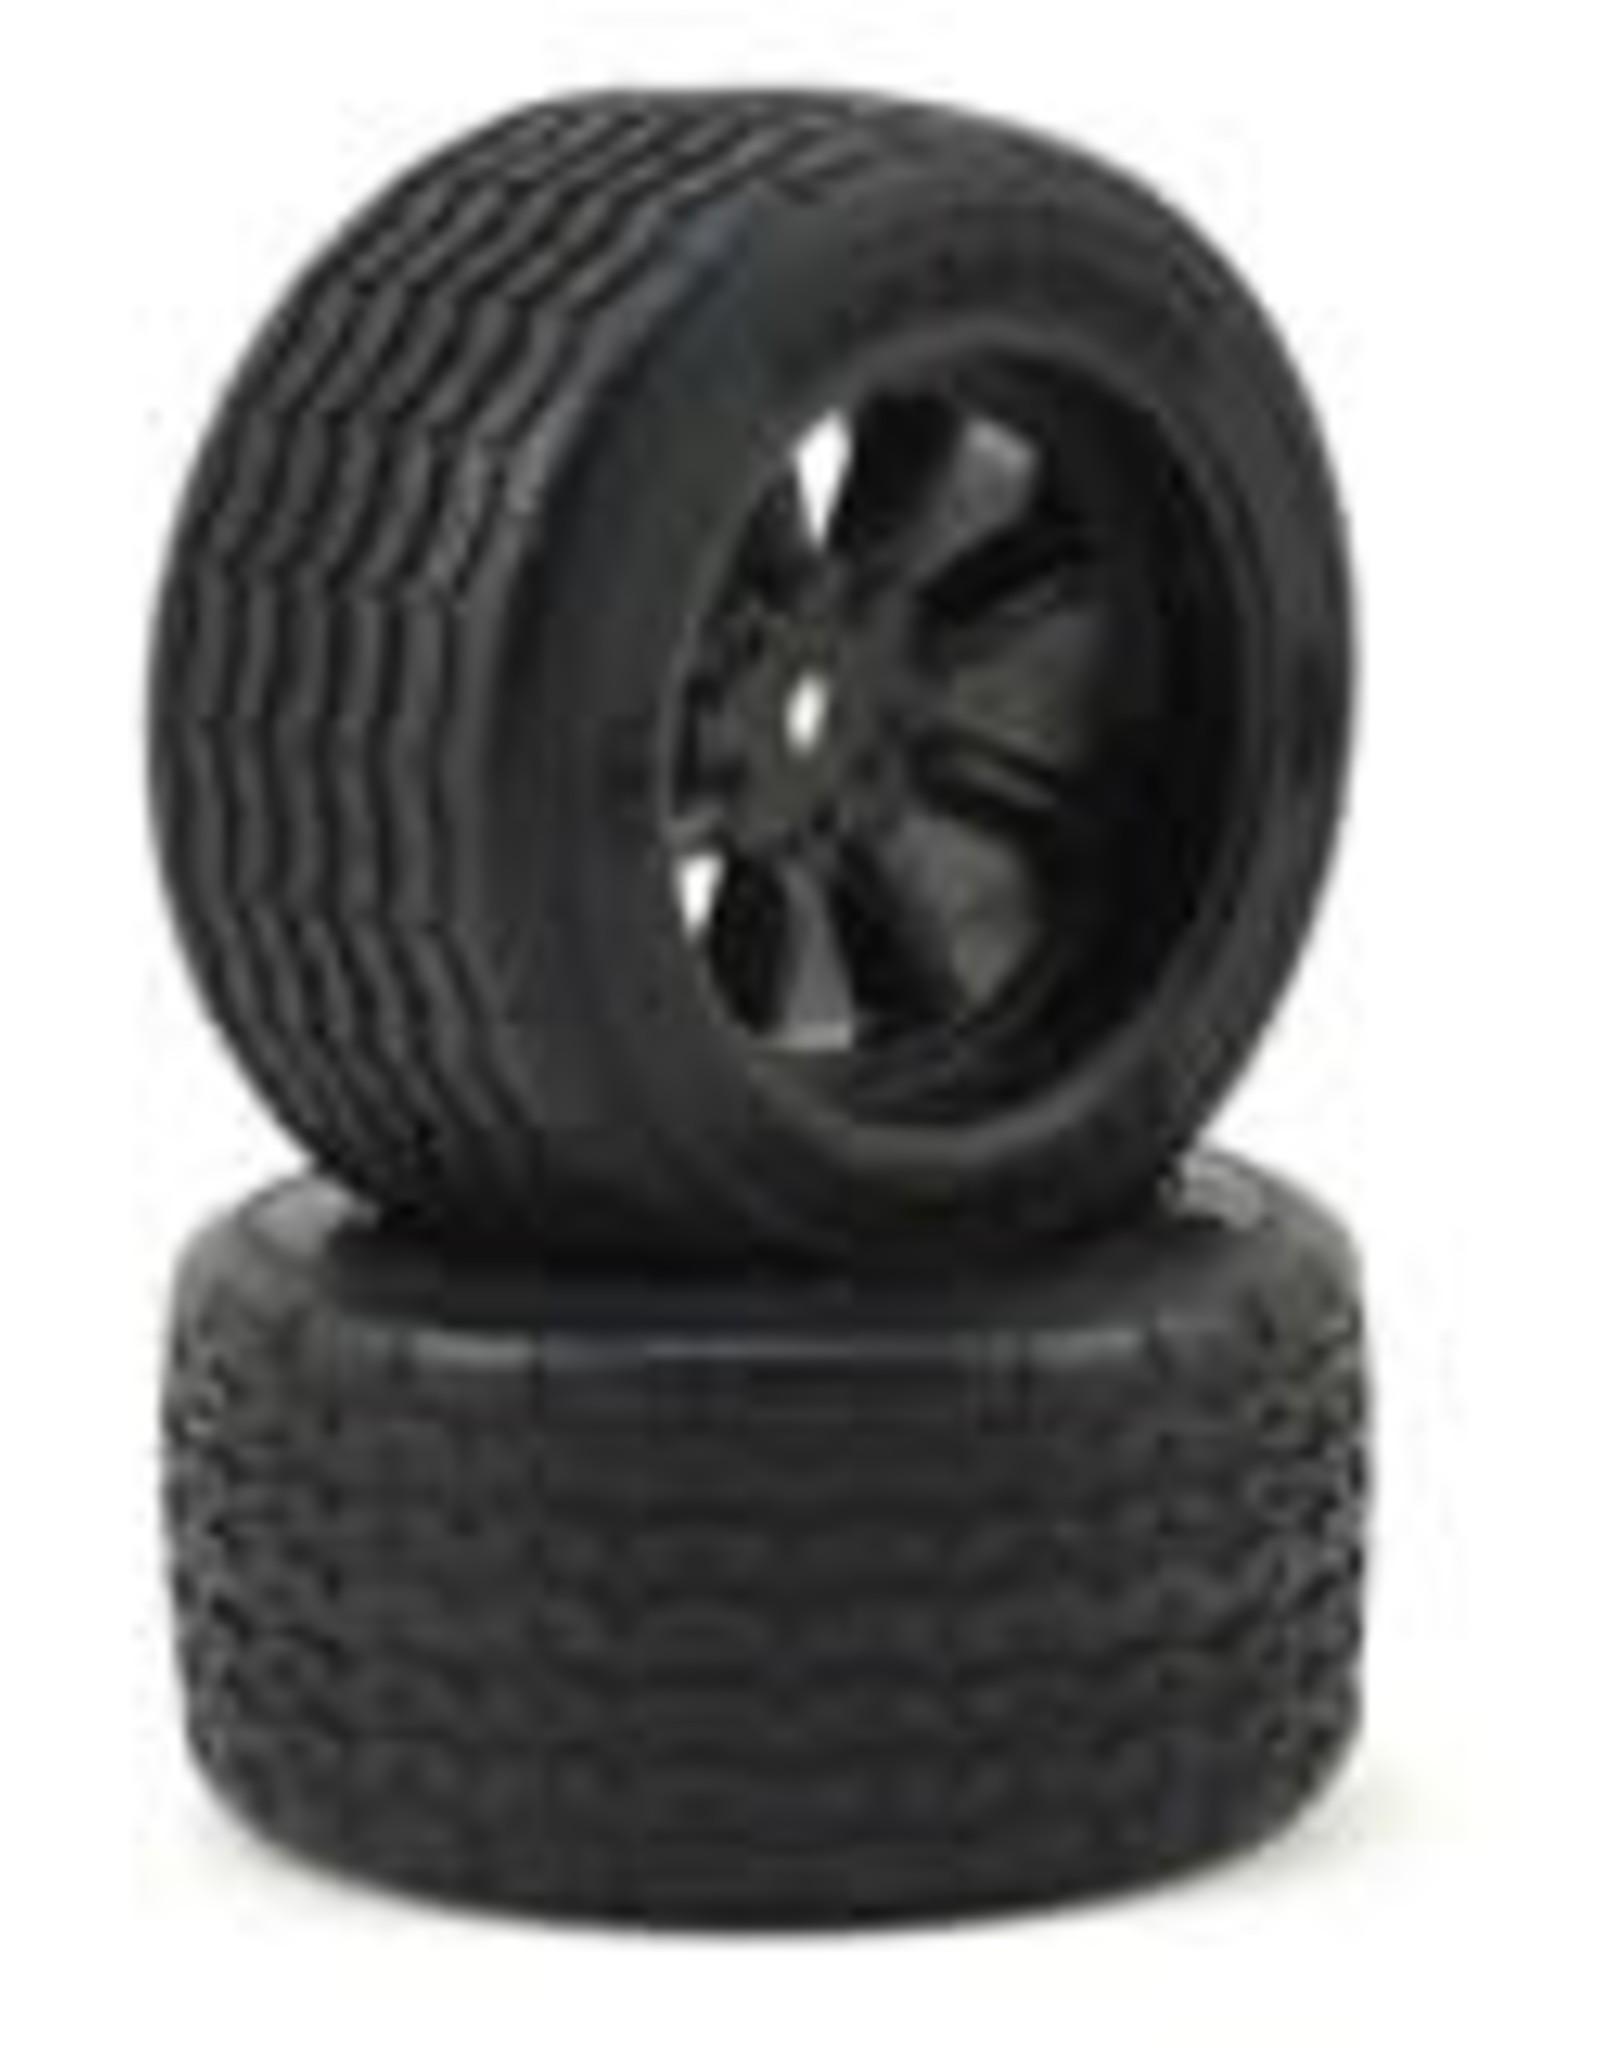 Protoform Protoform Vintage Racing Pre-Mounted Rear Tire (2) (26mm) (Black)